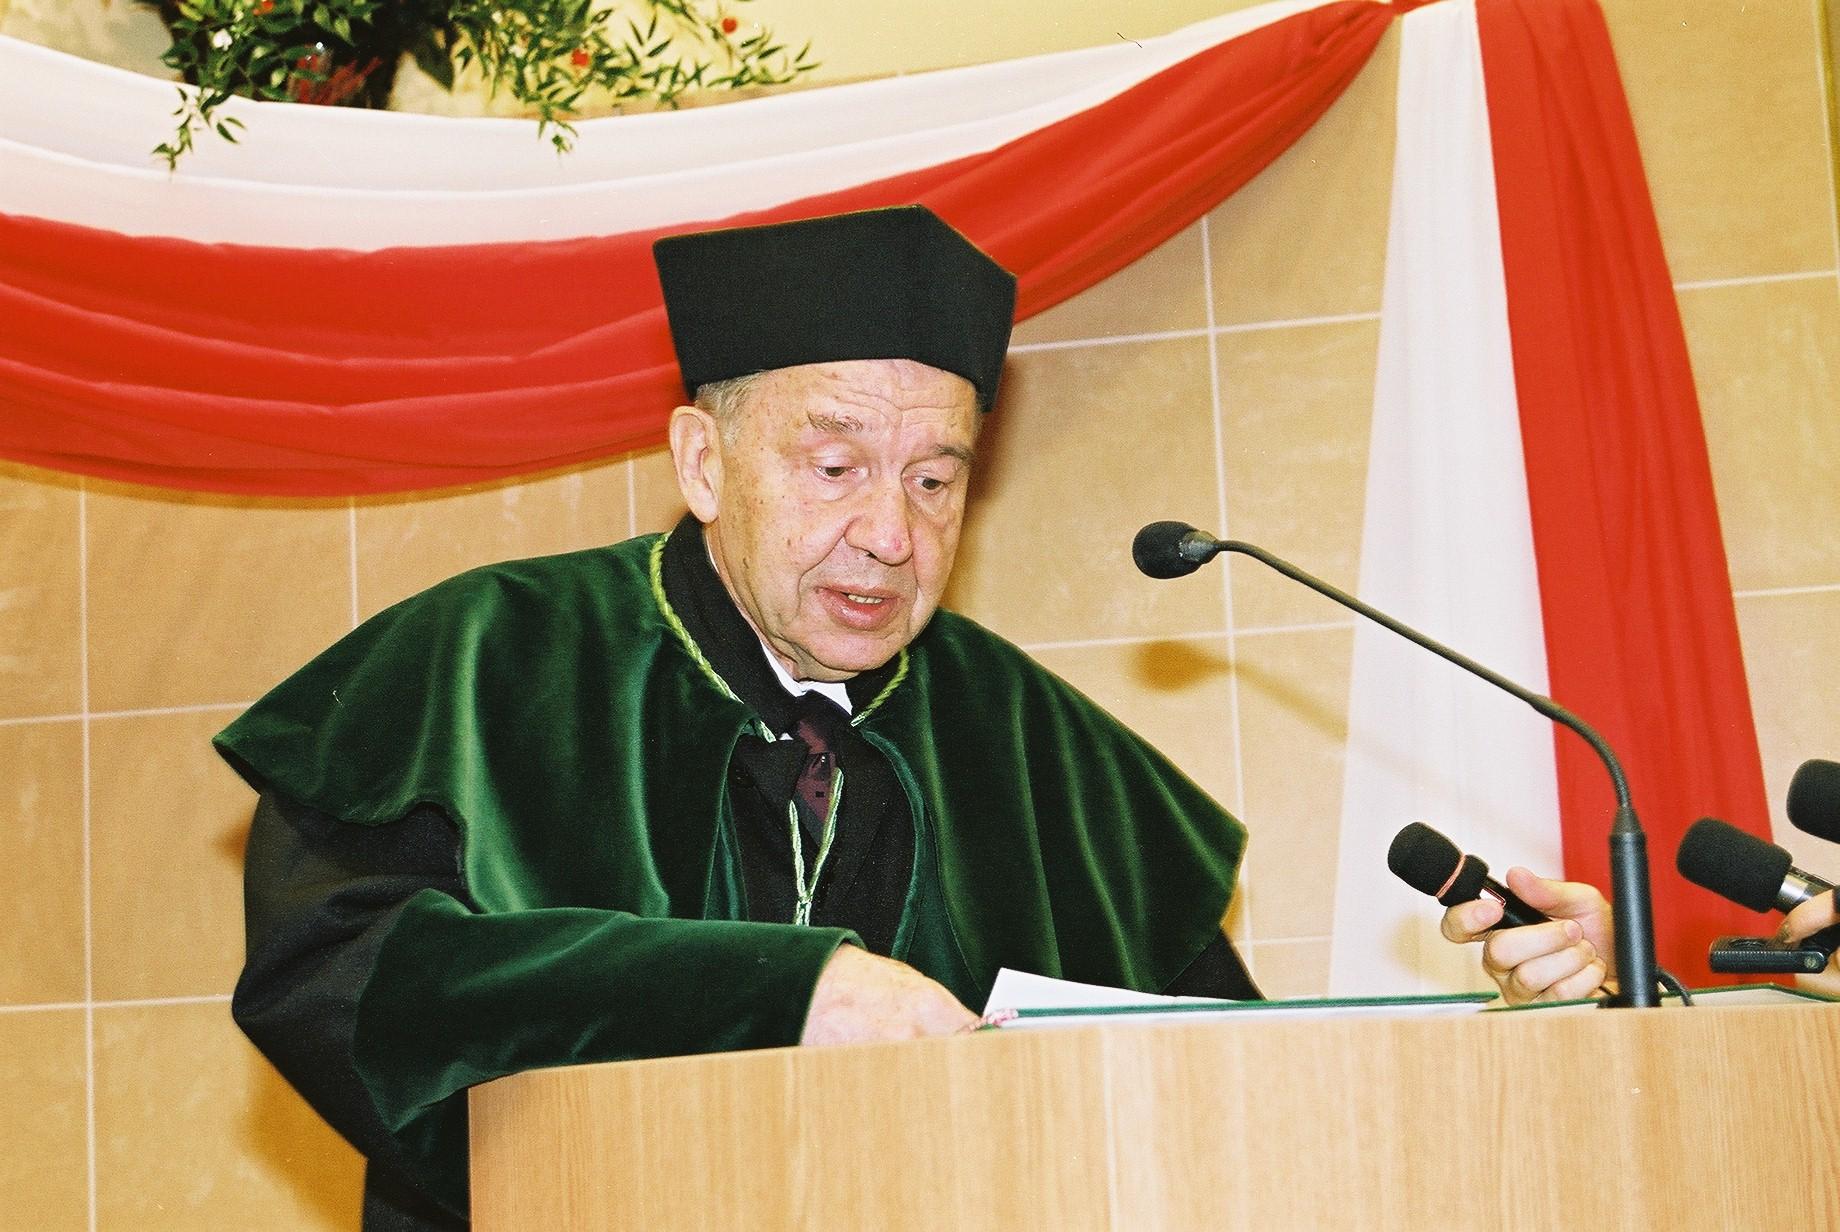 Nadanie tytułu doktora honoris causa prof. Janowi Wojciechowi Osieckiemu, dr h.c.